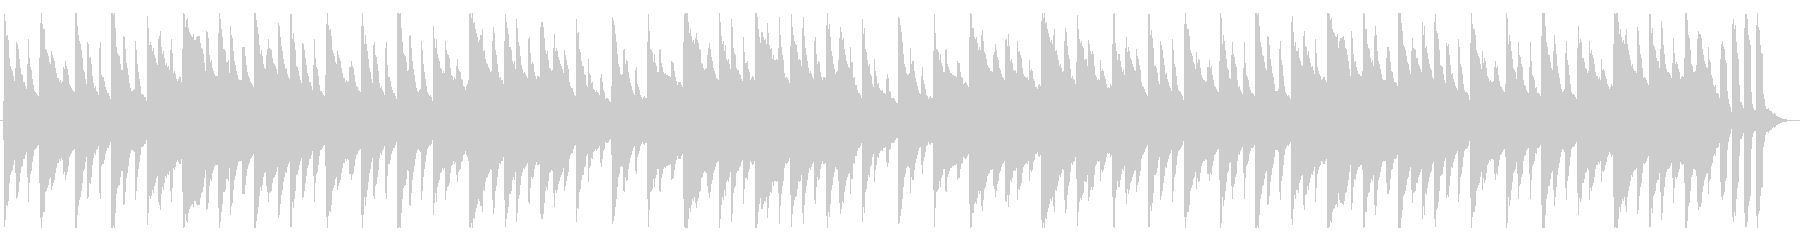 平和な雰囲気のハープシコードの未再生の波形